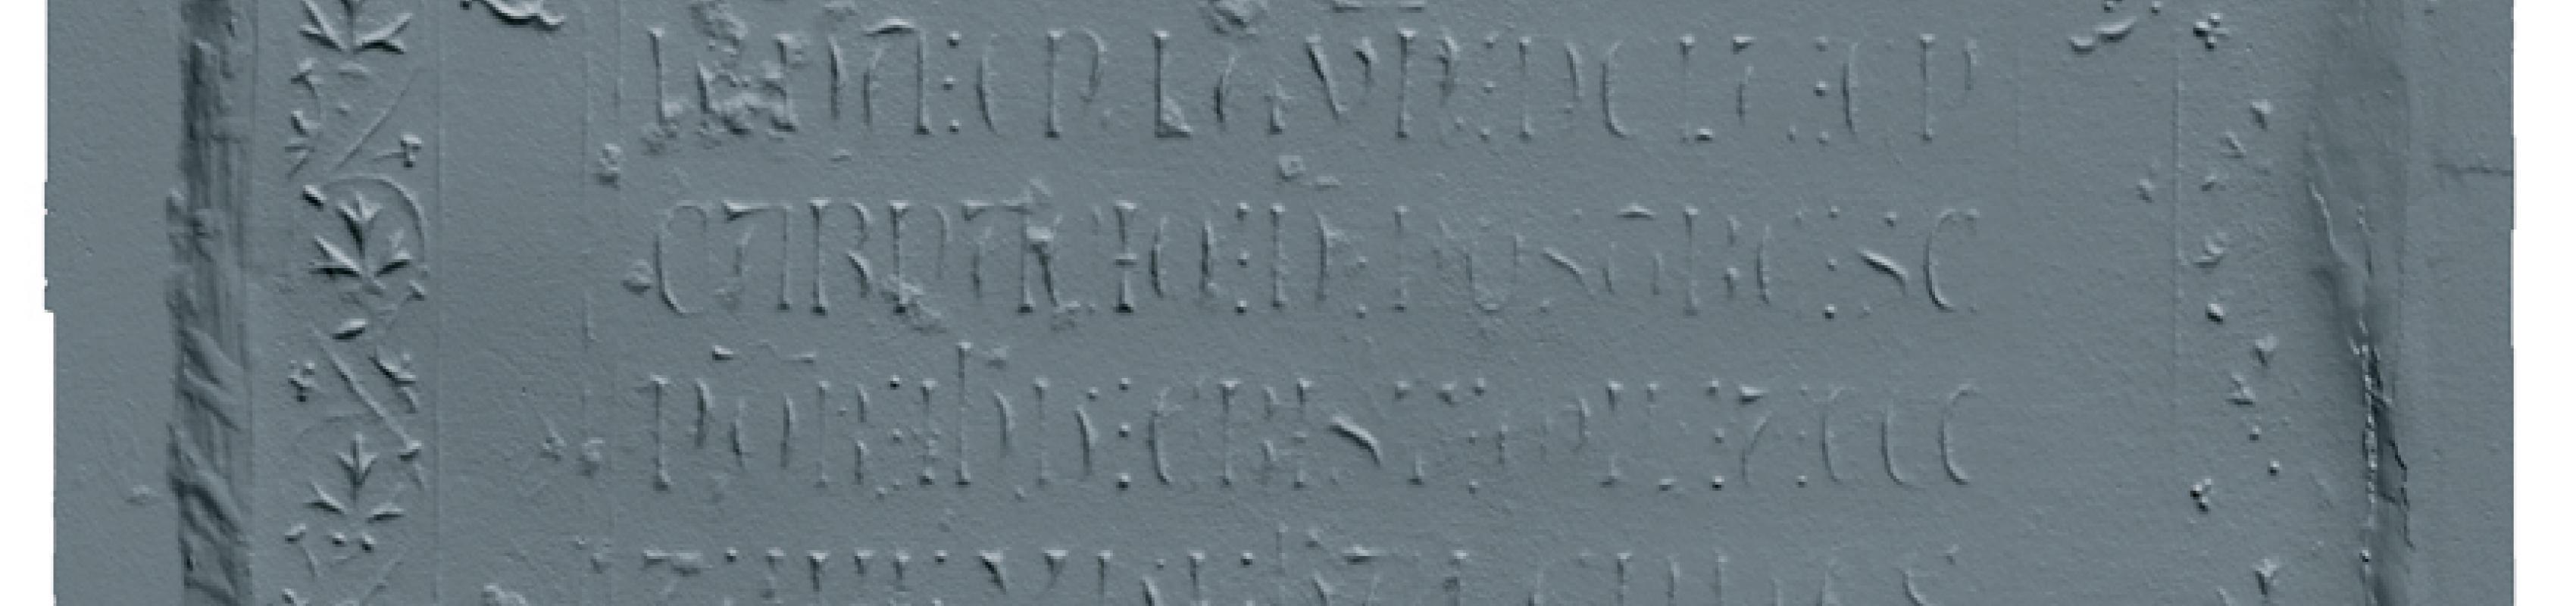 Aixecament en 3D de la làpida de Roger de Llúria abans de la restauració  (Autors: Laboratorio de Fotogrametría Arquitectónica. Universidad de Valladolid)